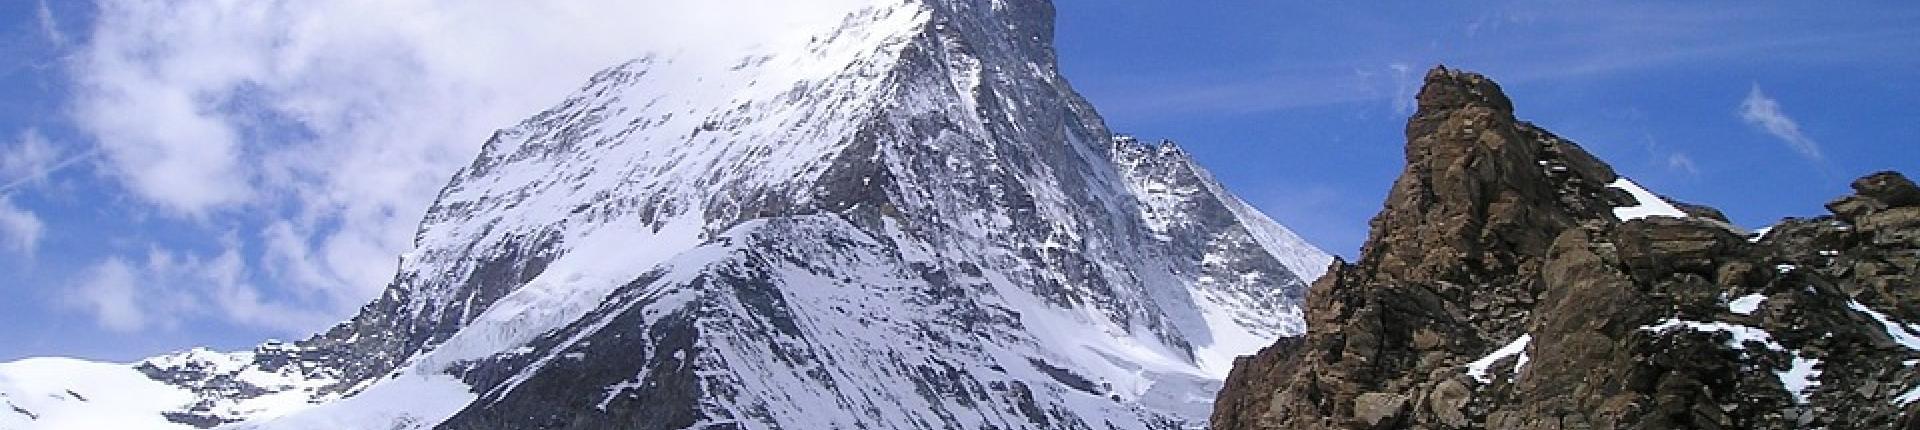 סקי בזרמאט